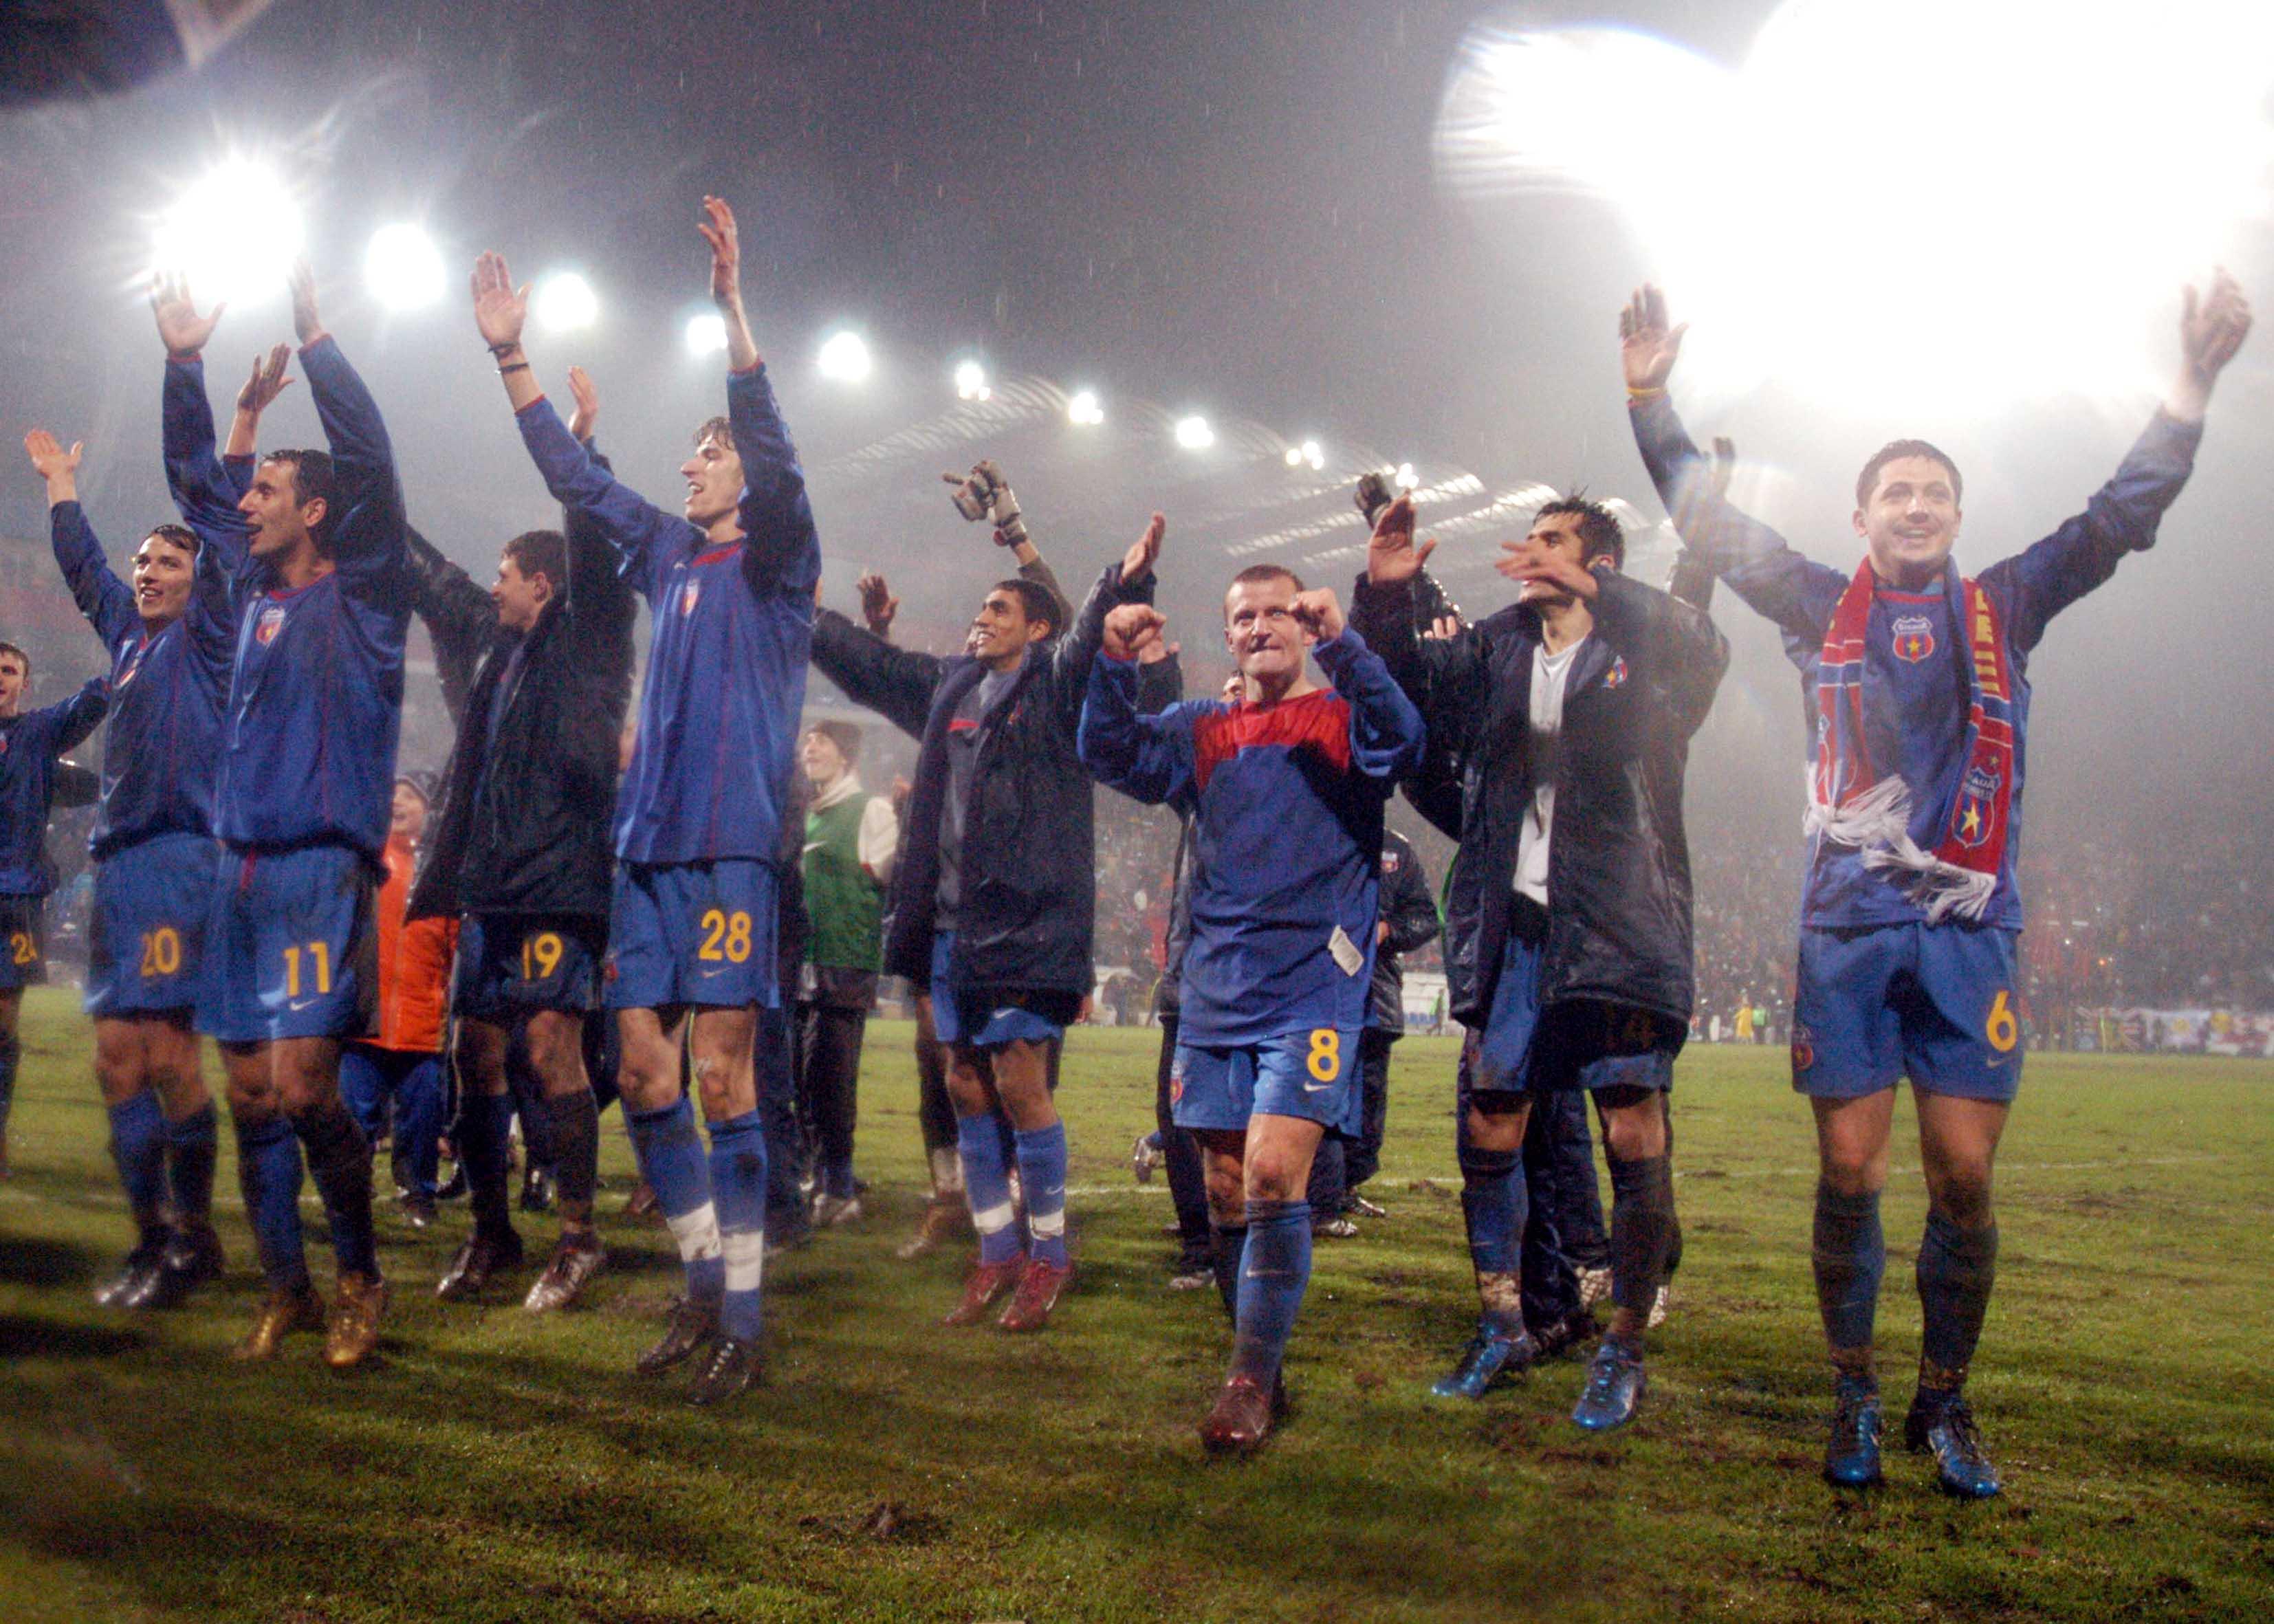 Roș-albaștrii înfăptuiau pe 24 februarie 2005 o nouă minune europeană, eliminând în șaisprezecimile Cupei UEFA, sub comanda lui Walter Zelga, deținătoarea en titre a trofeului, Valencia